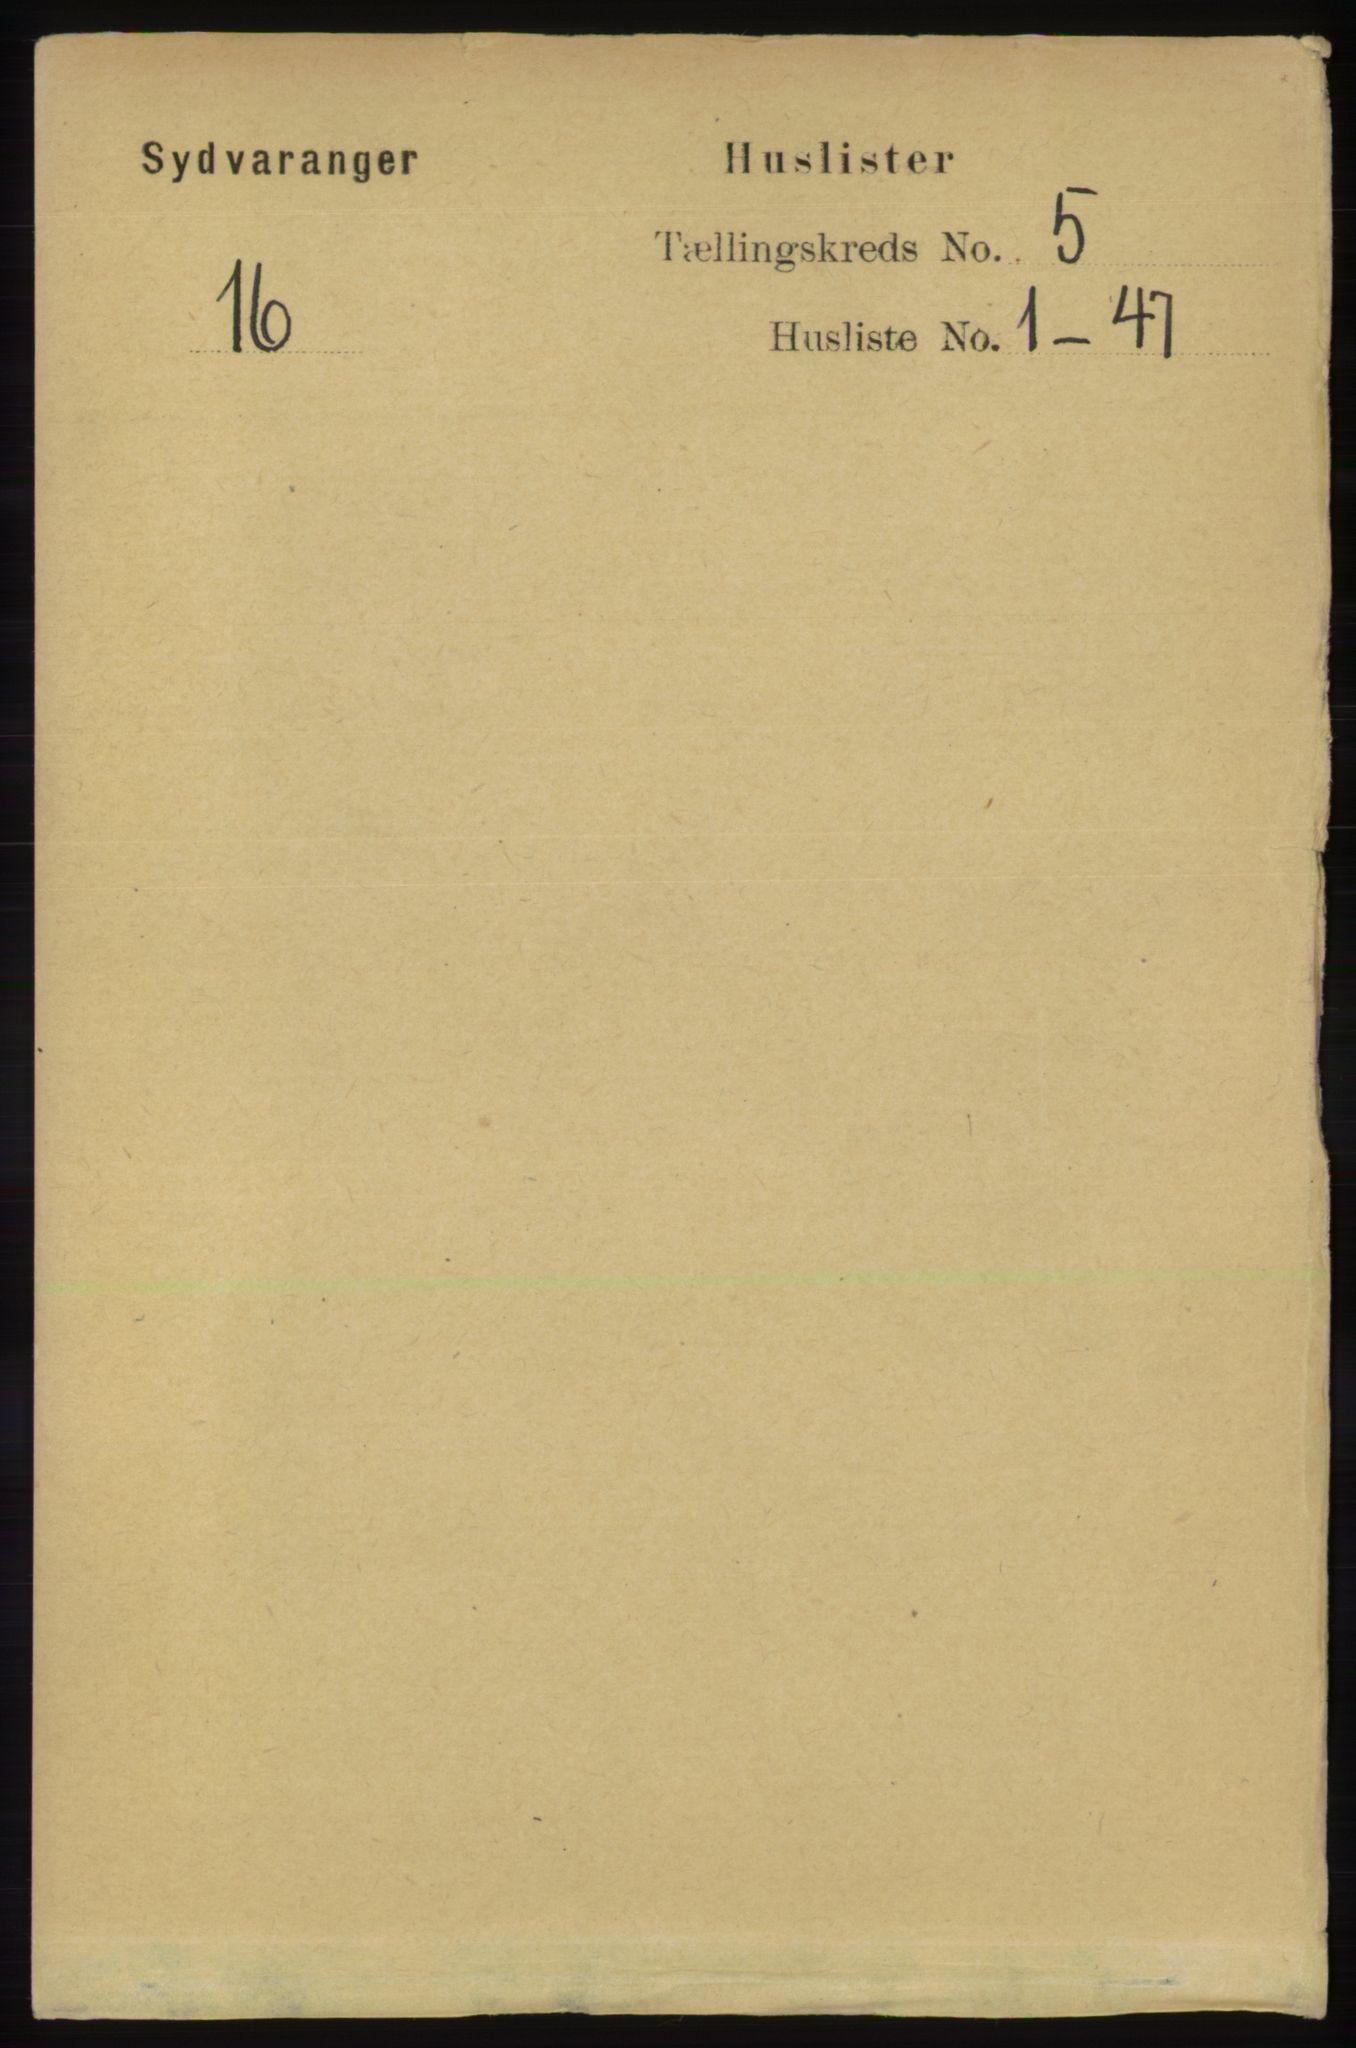 RA, Folketelling 1891 for 2030 Sør-Varanger herred, 1891, s. 1519